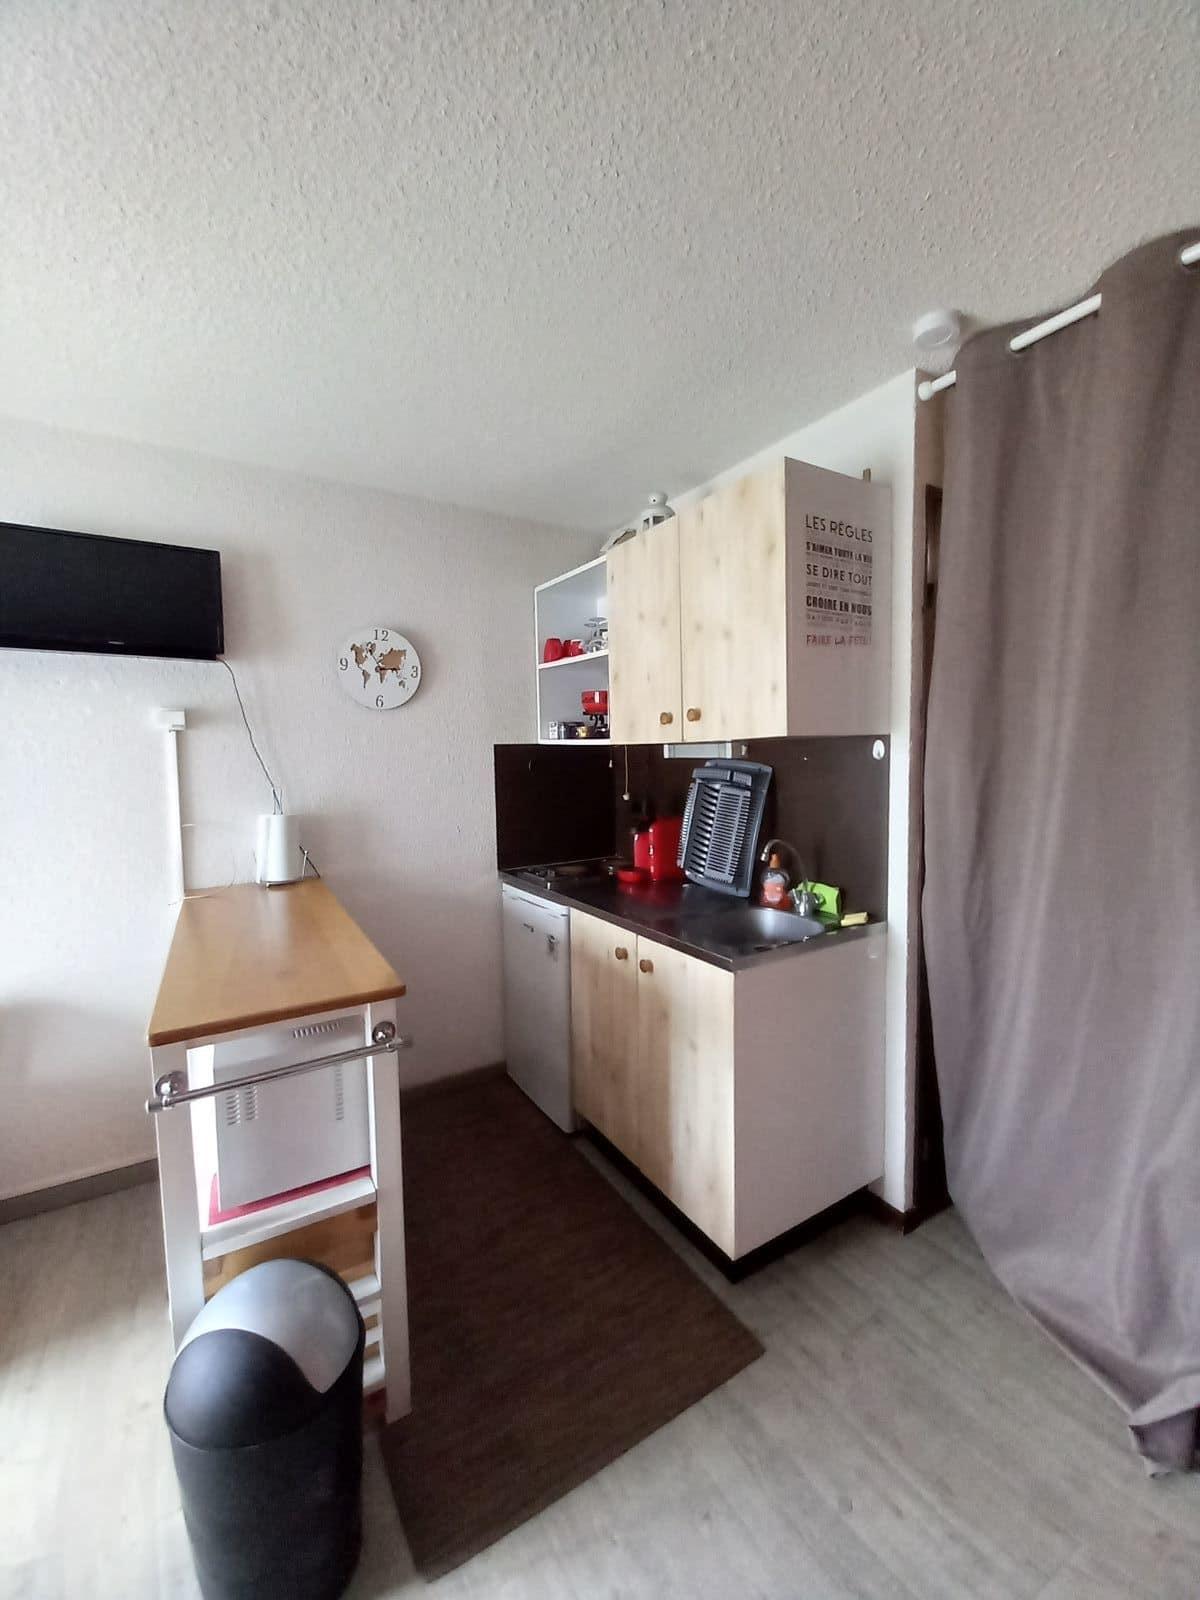 20210721 145636 - SAINT-LEGER-LES-MELEZES STUDIO DE 30 m² (6 COUCHAGES) AVEC BALCON